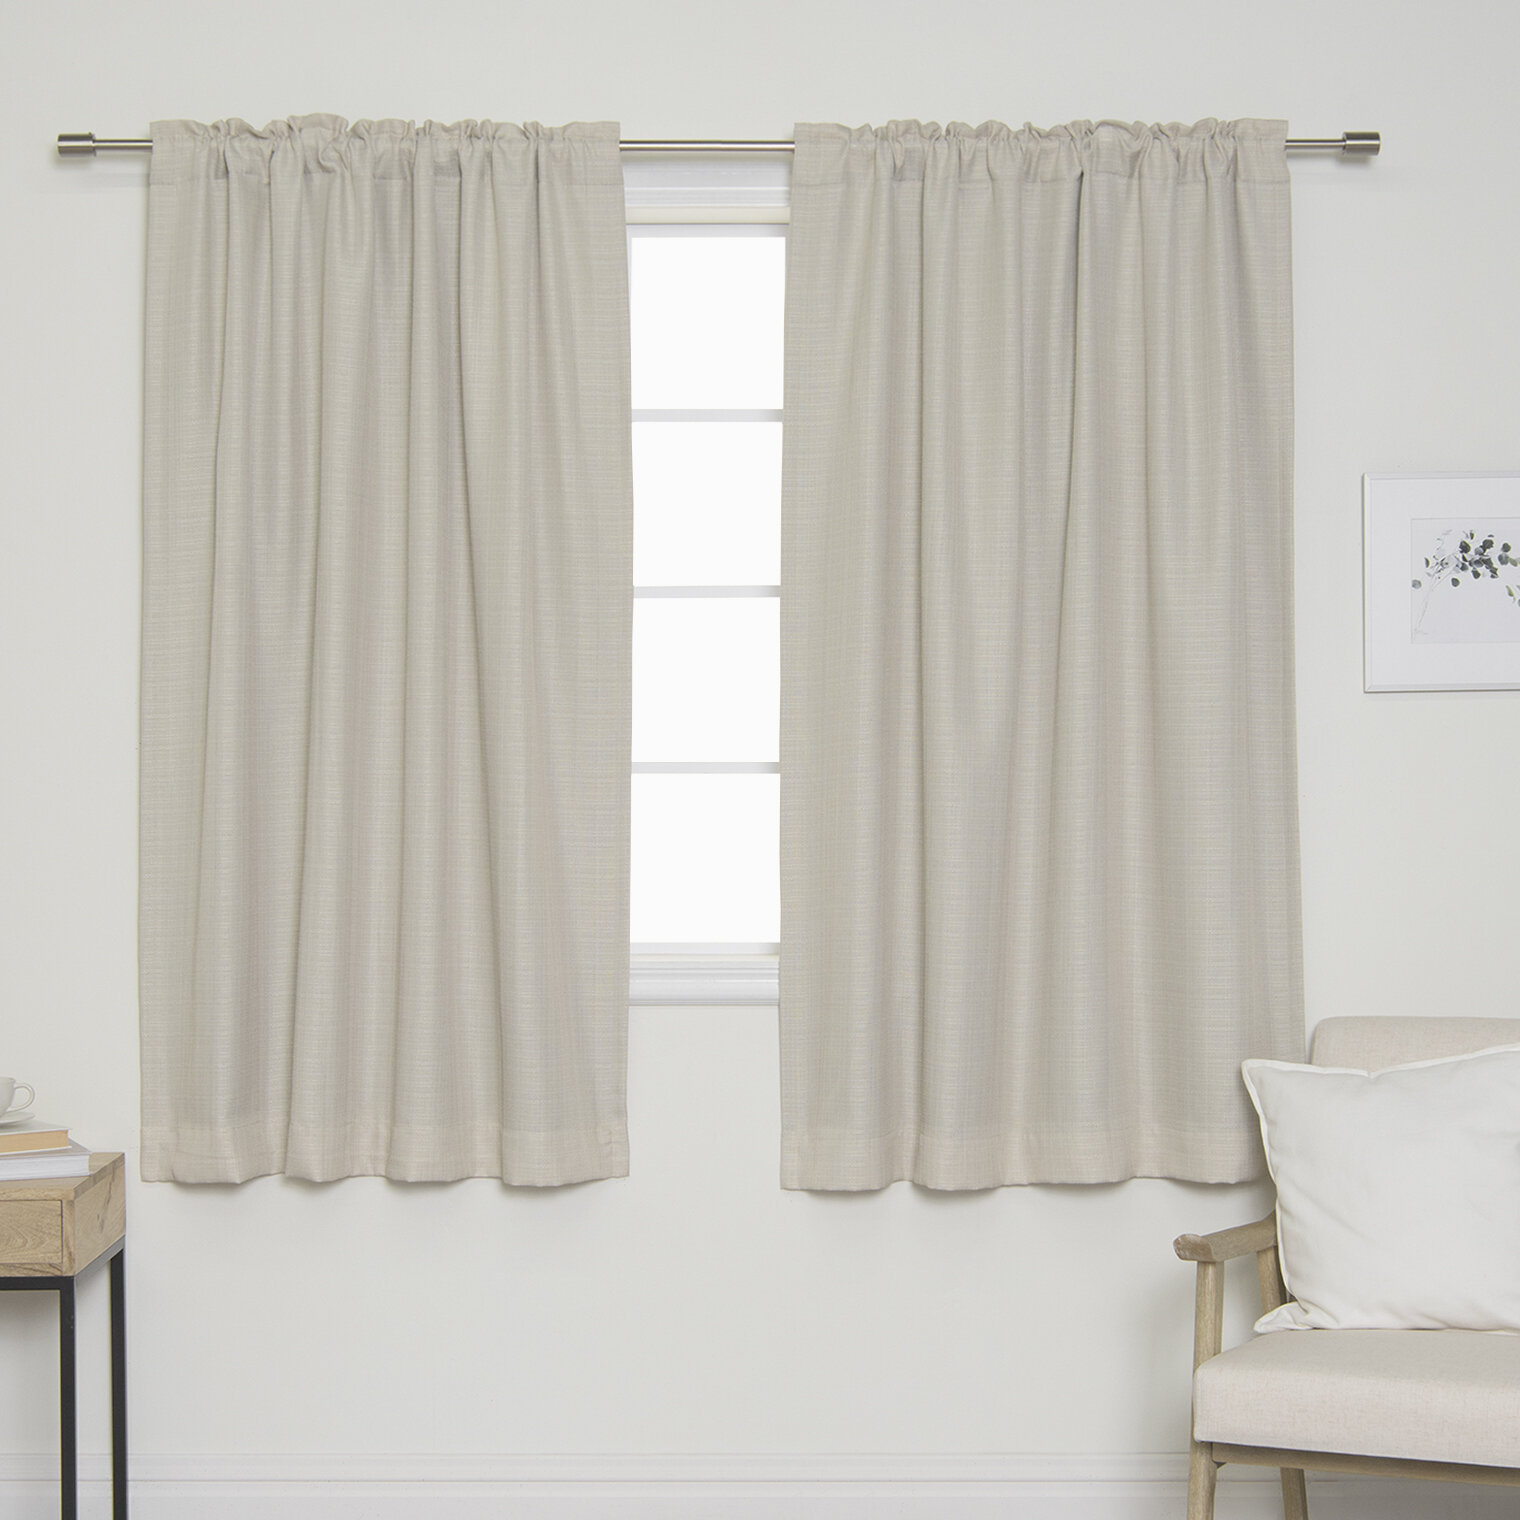 Gracie Oaks Vivan Woven Faux Linen Solid Blackout Back Tab Top Curtain Panels Reviews Wayfair